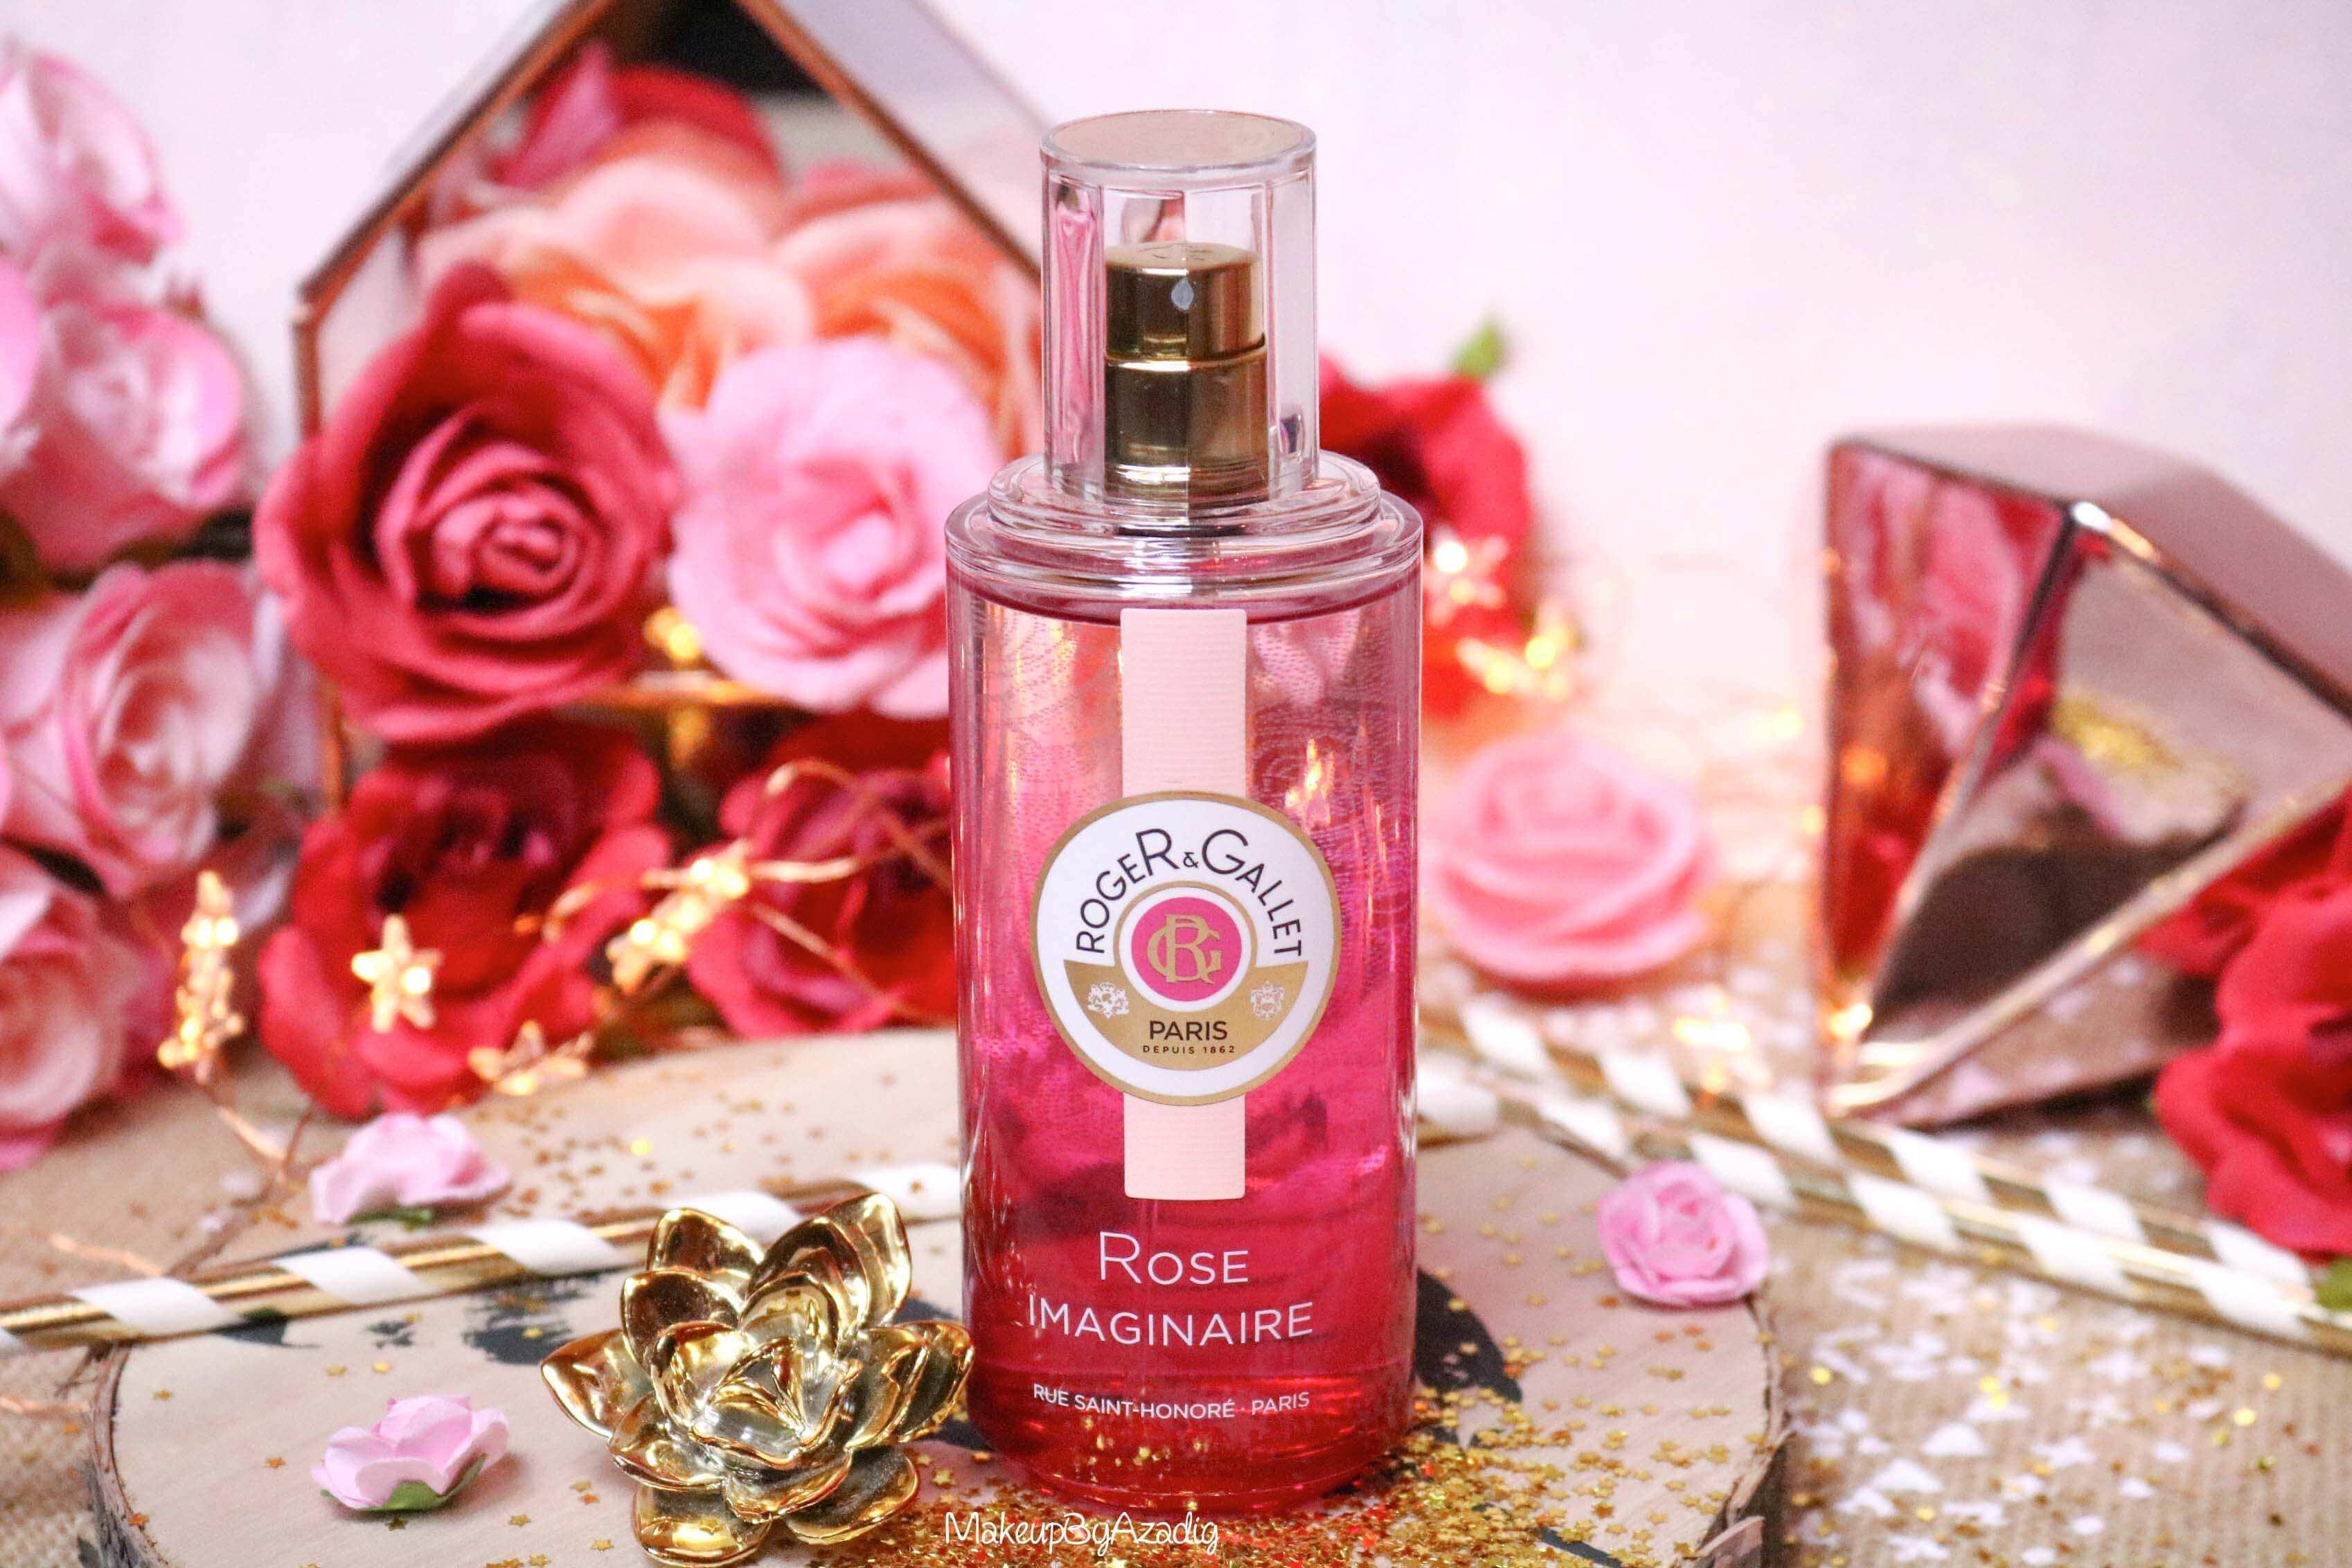 revue-eau-parfumee-bienfaisante-rose-imaginaire-roger-gallet-makeupbyazadig-parfum-bonne-tenue-avis-prix-monoprix-flacon